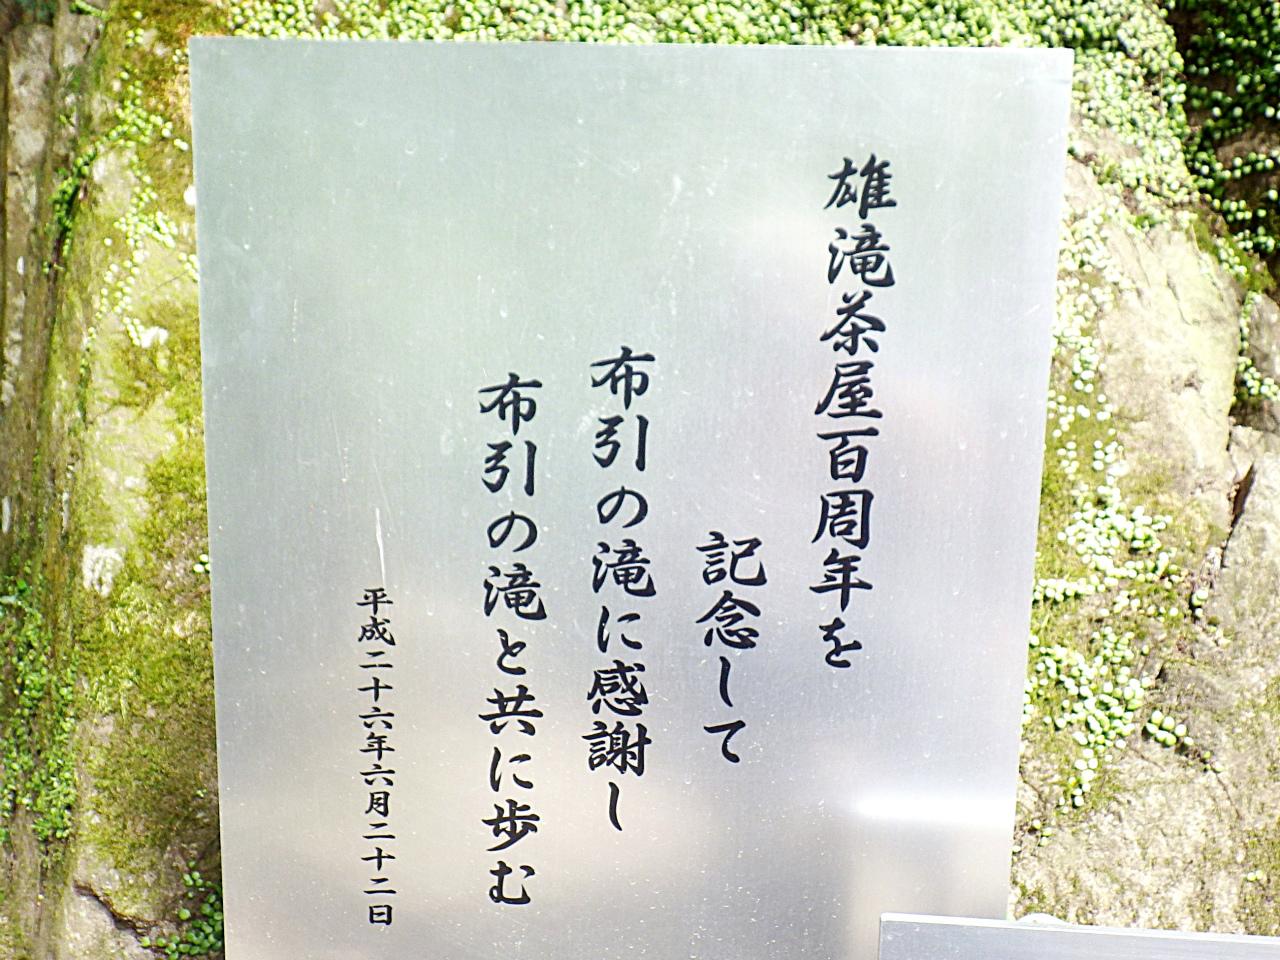 19a 雄滝茶屋百周年記念碑